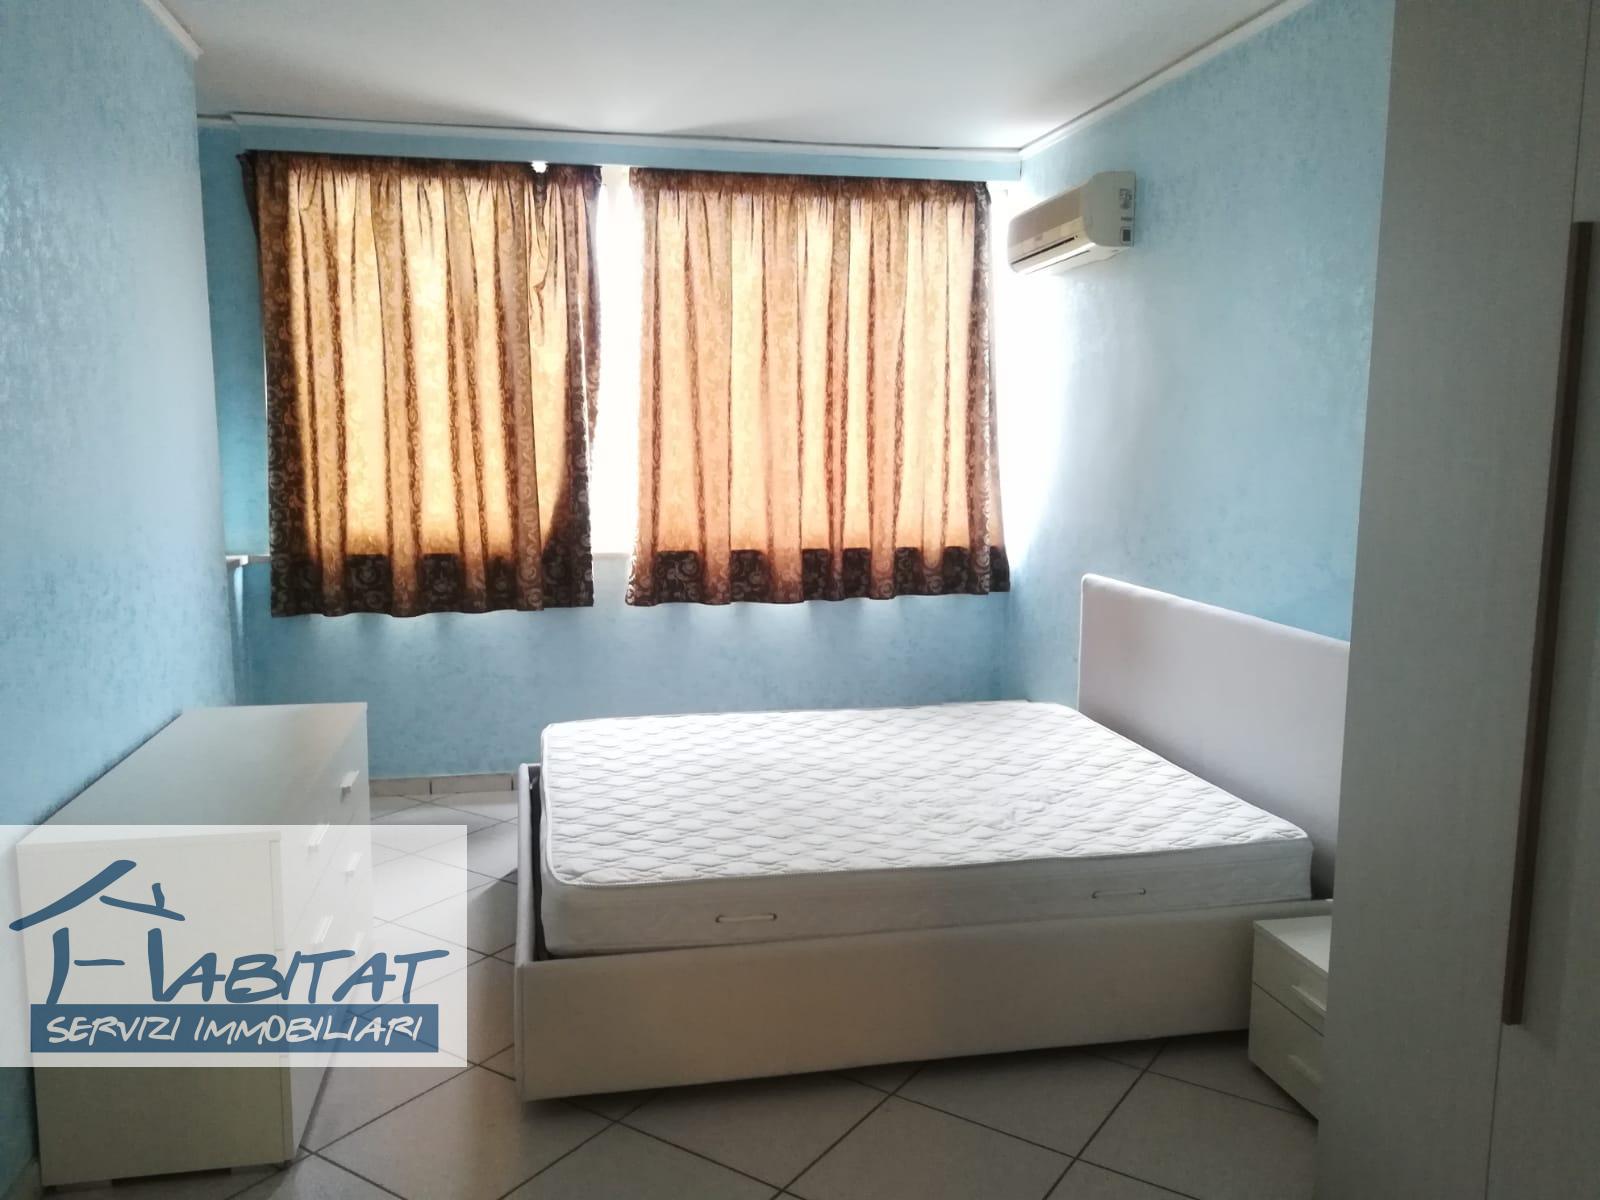 Appartamento in affitto a Agrigento, 3 locali, zona Località: Quadrivio, prezzo € 330 | CambioCasa.it